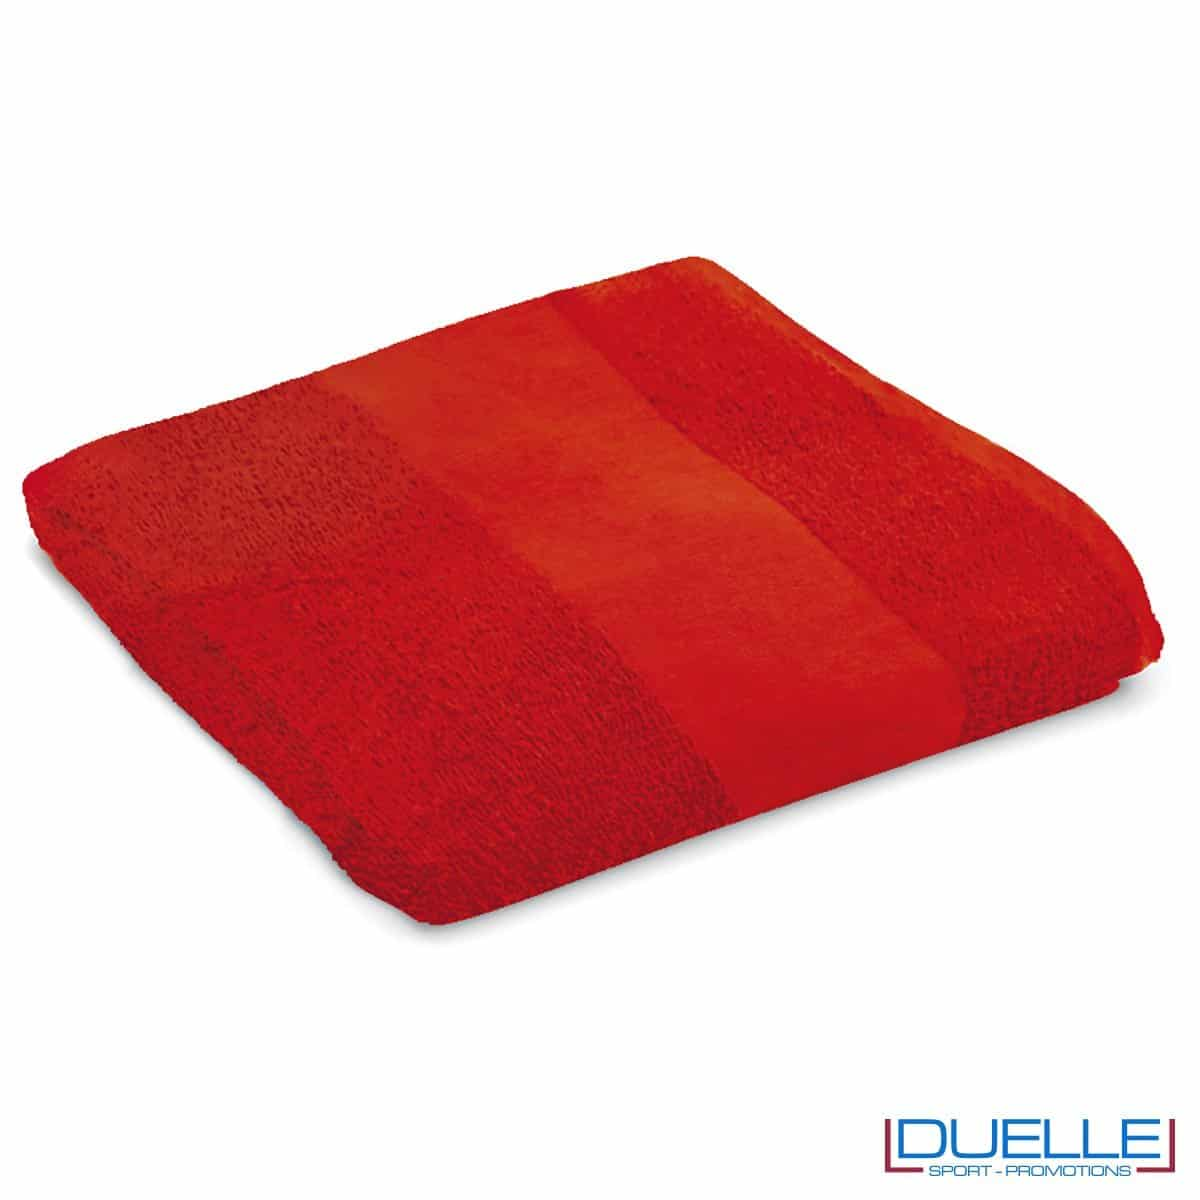 telo personalizzato mare cotone rosso, gadget mare, gadget estate, gadget promozionali 100% cotone